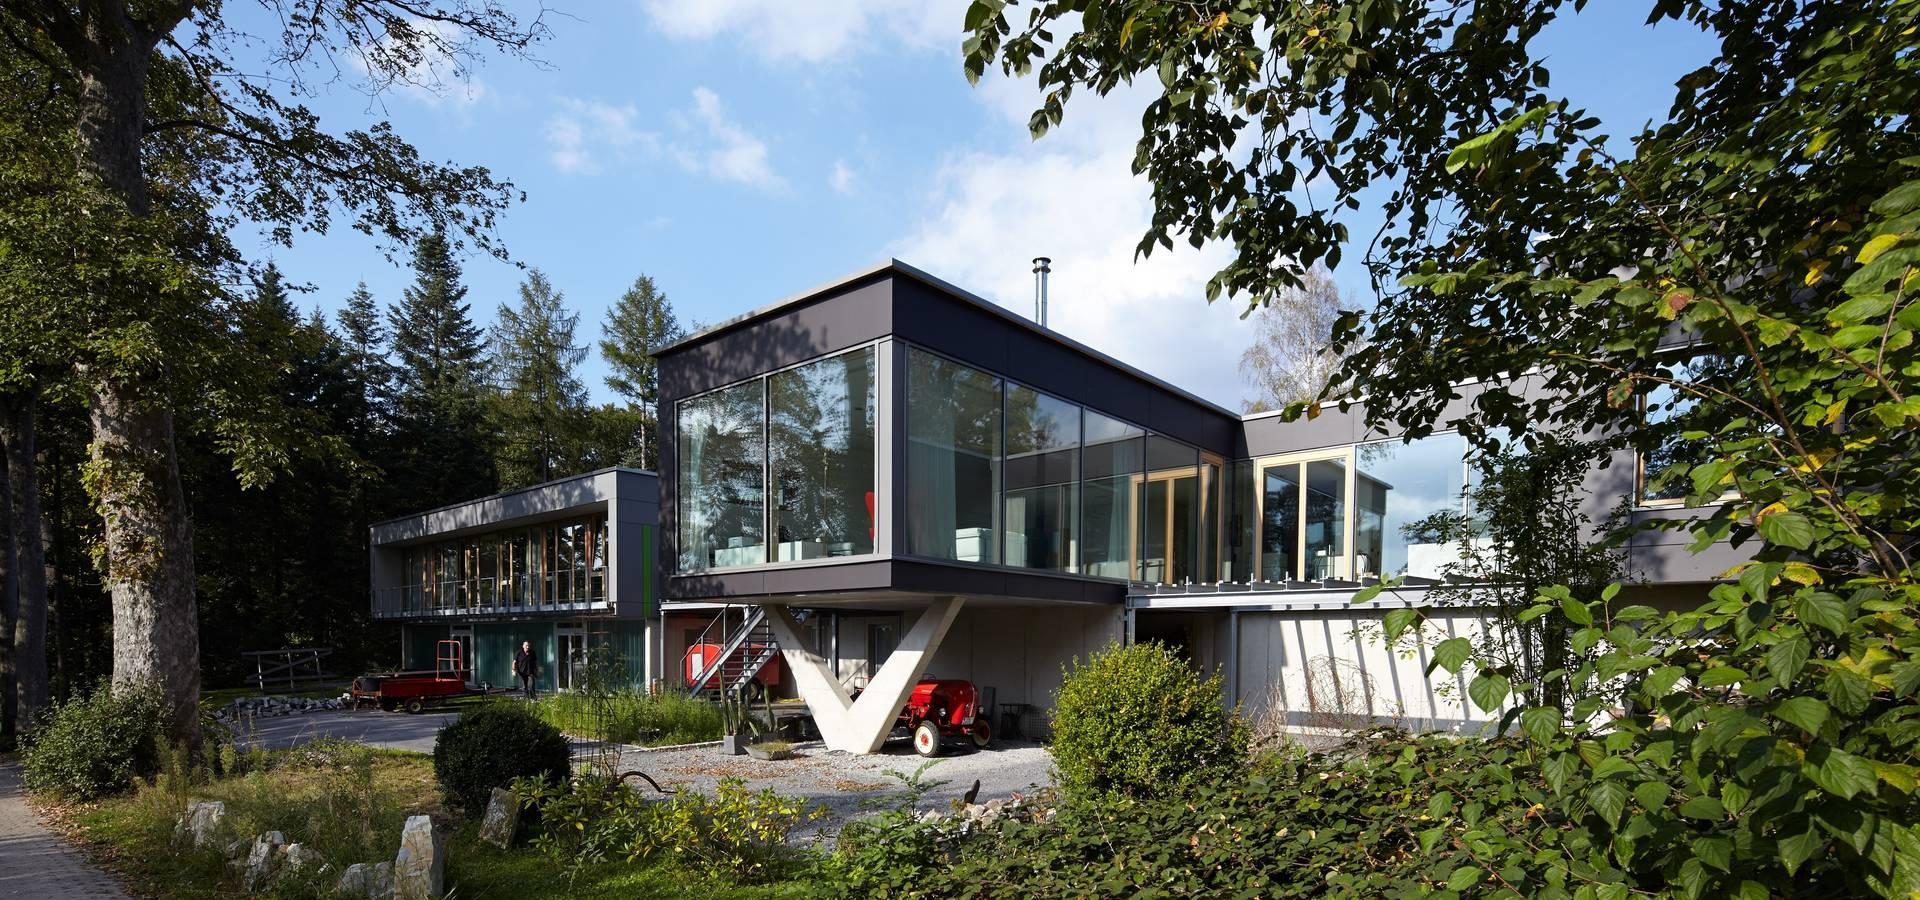 Schön Satteldach Modern Dekoration Von Völse Architekten Bda